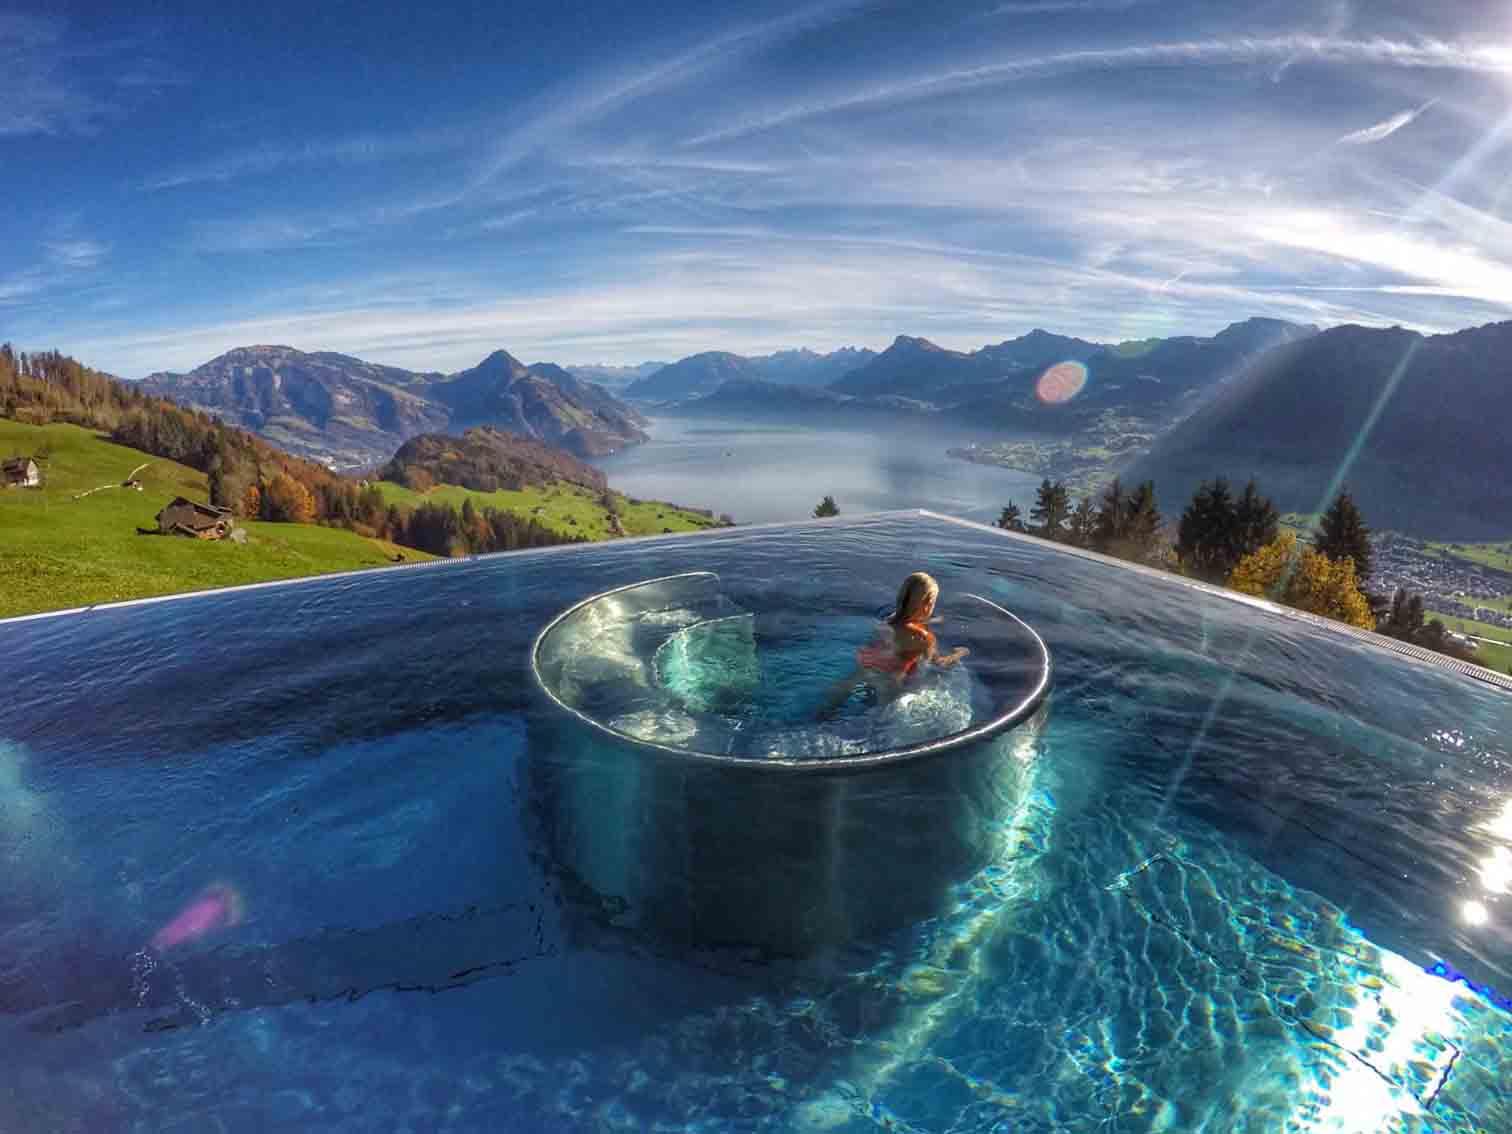 สระว่ายน้ำ พร้อมวิวภูเขา ทะเลหมอก กับ Hotel Villa Honegg ได้รับการยอมรับว่าถือสระว่ายน้ำที่ดีที่สุด